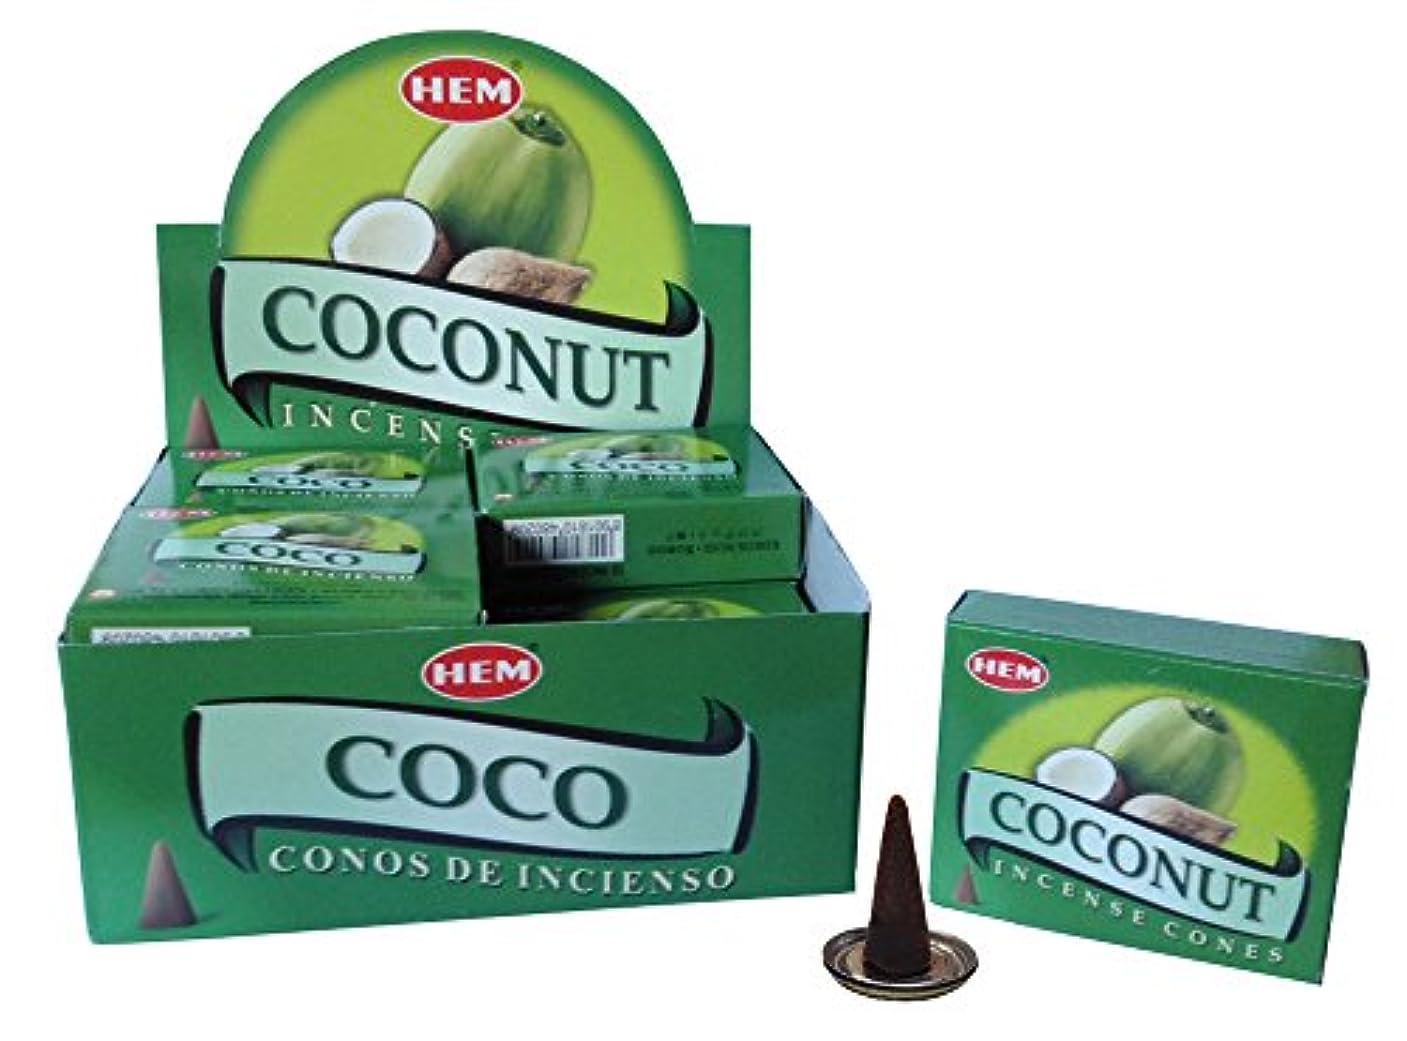 競争力のある配るパラダイスHEM ココナッツ コーン 12個セット